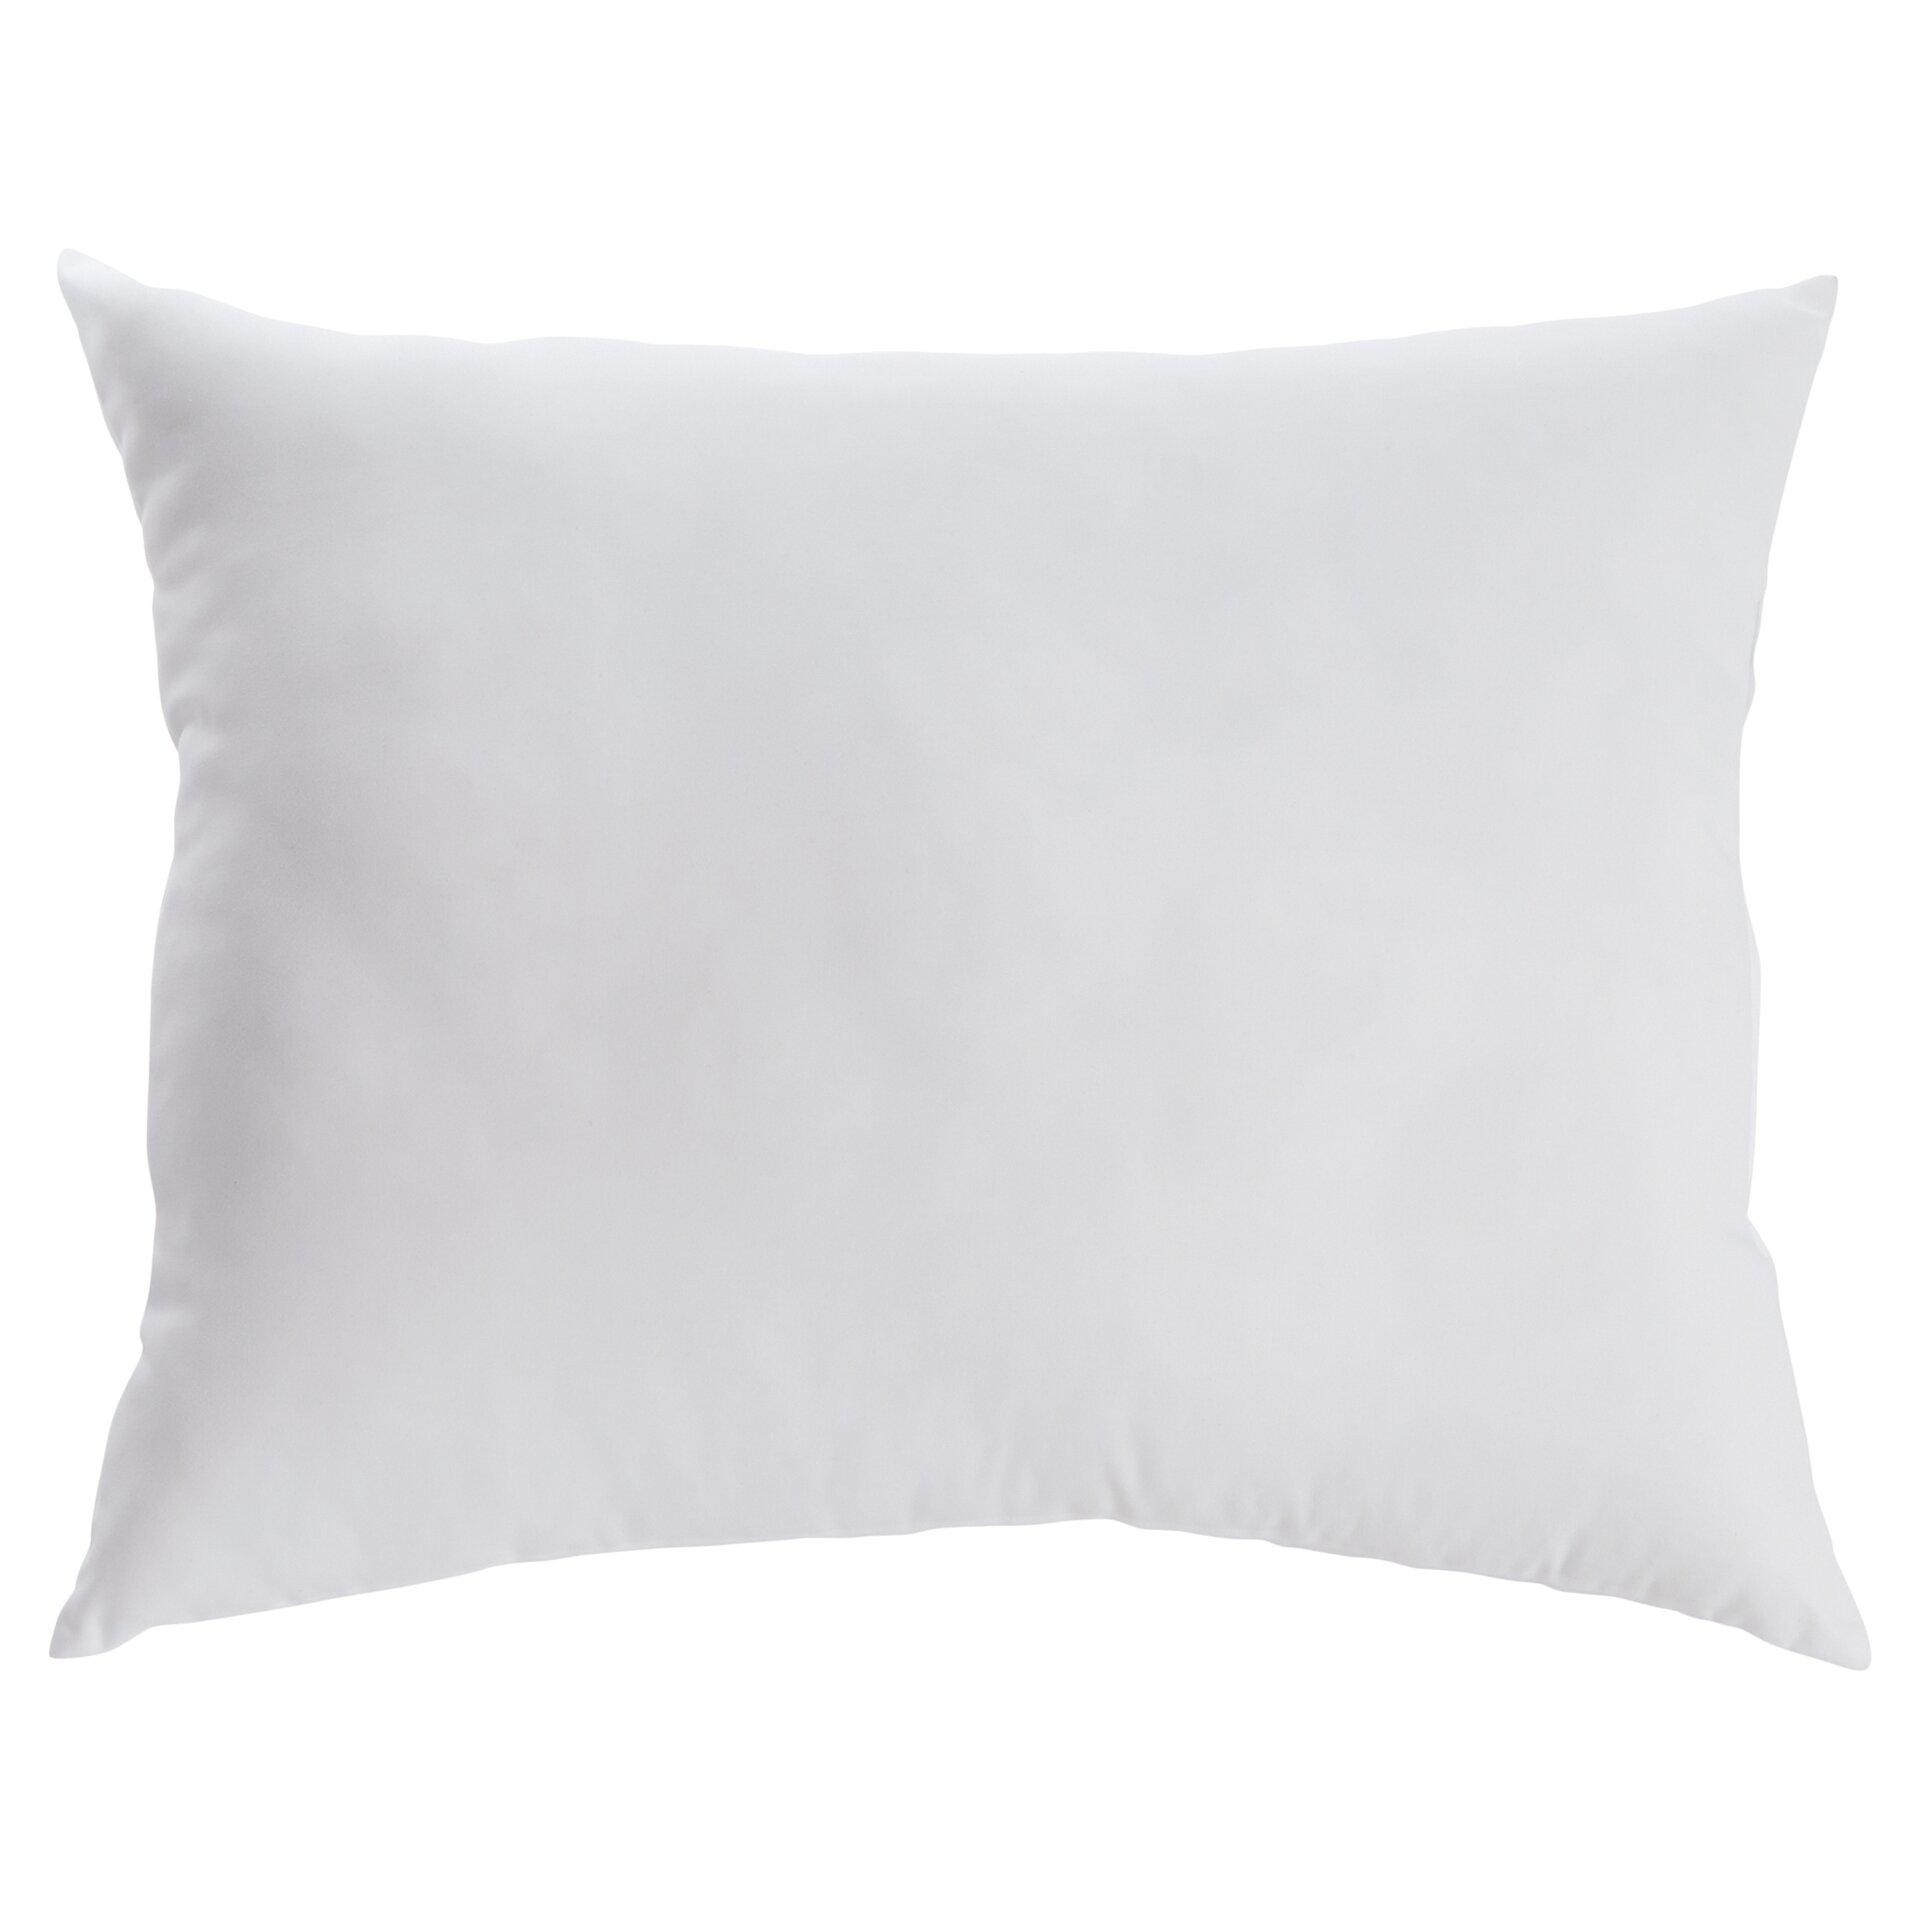 Wayfair Sleep Wayfair Sleep Medium Pillow & Reviews | Wayfair